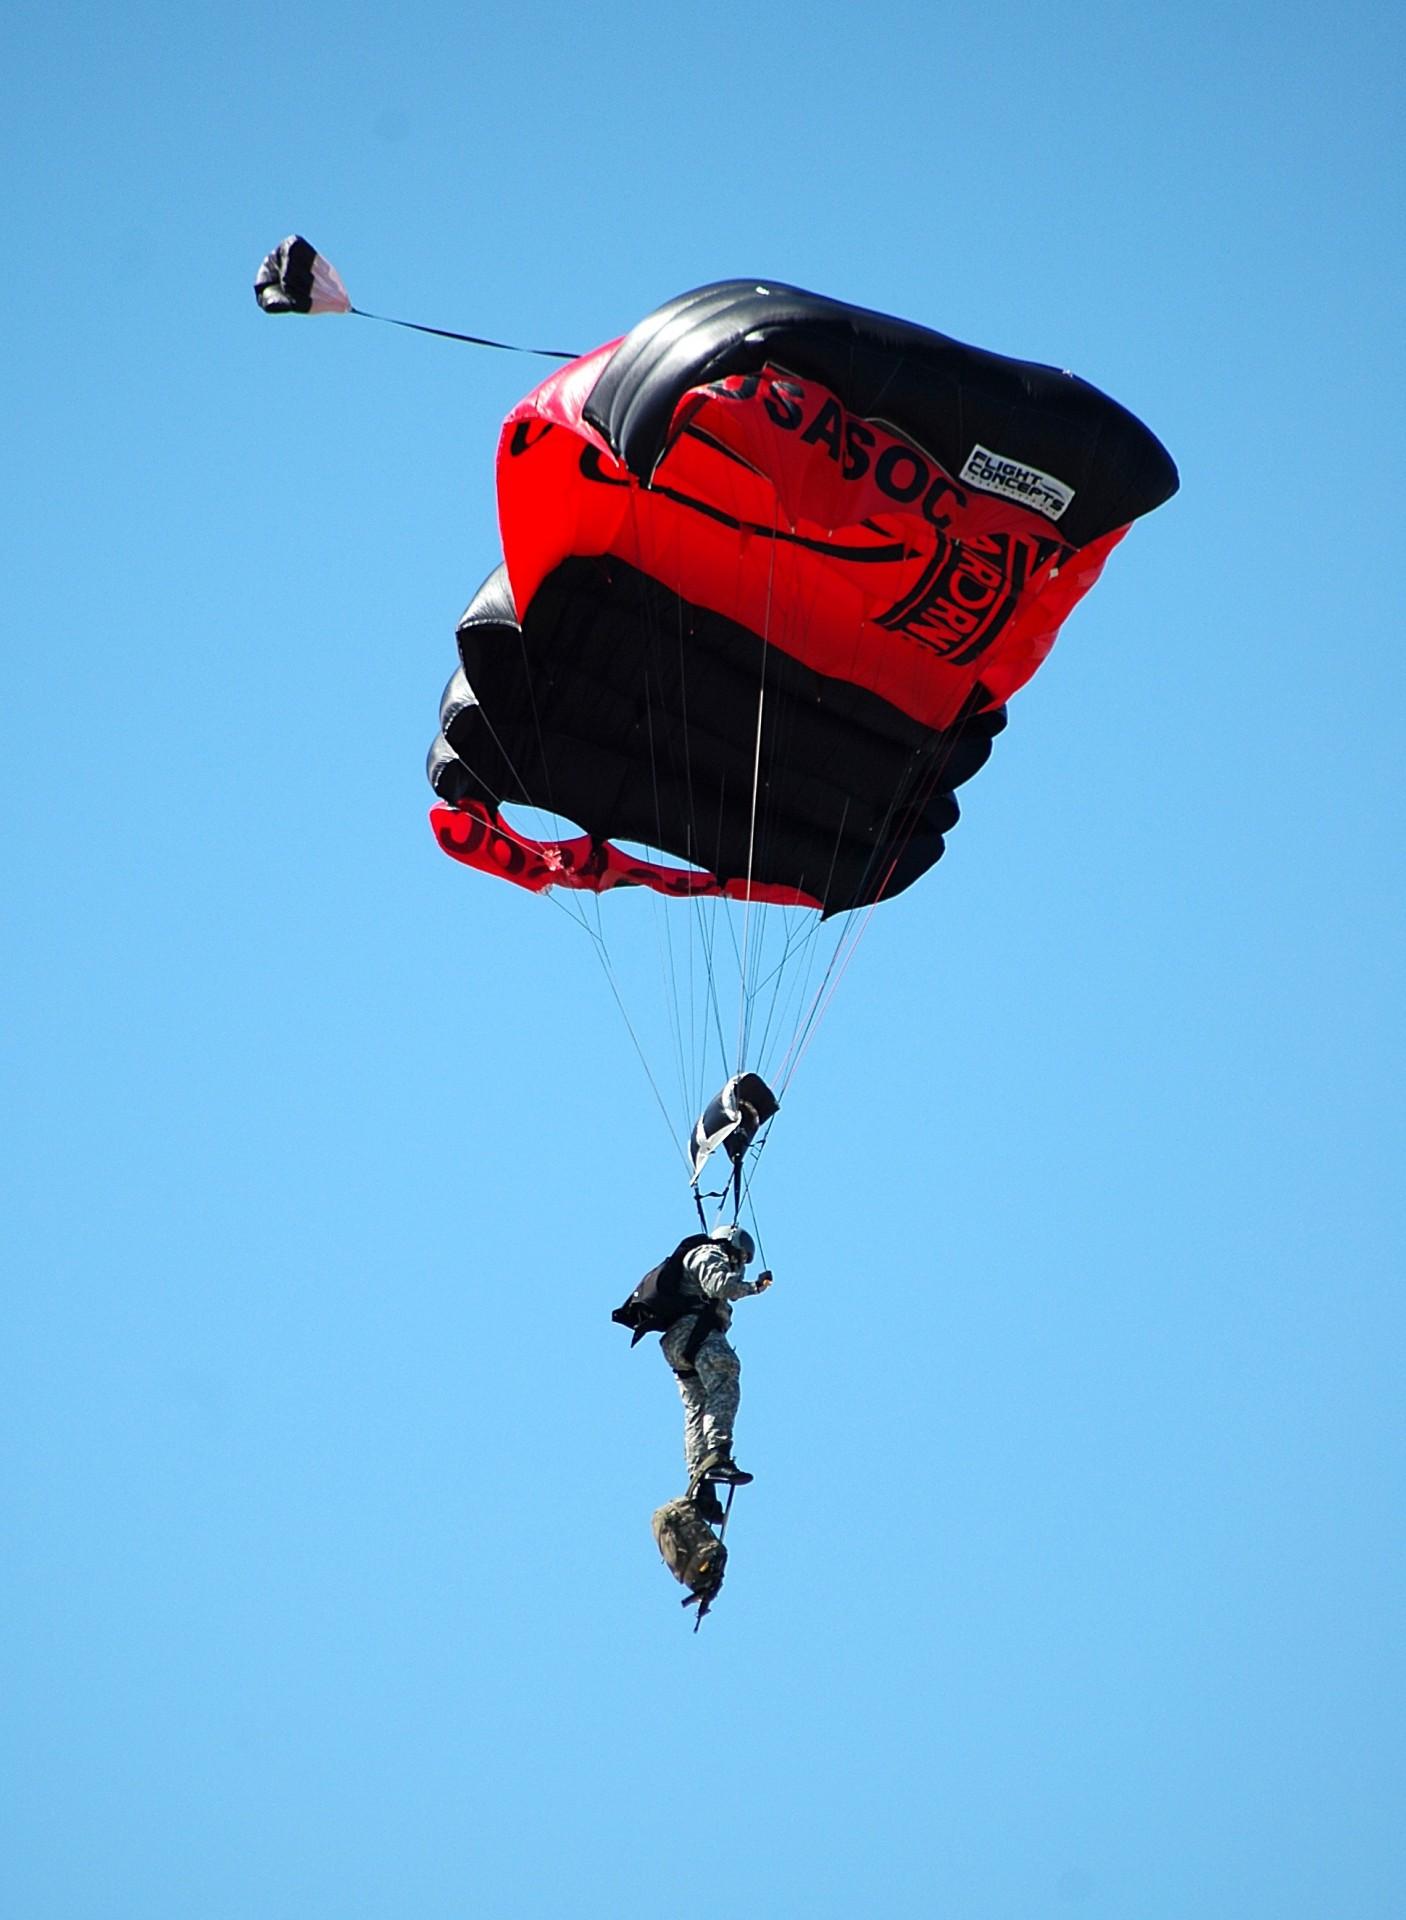 Adventure, Skydiving